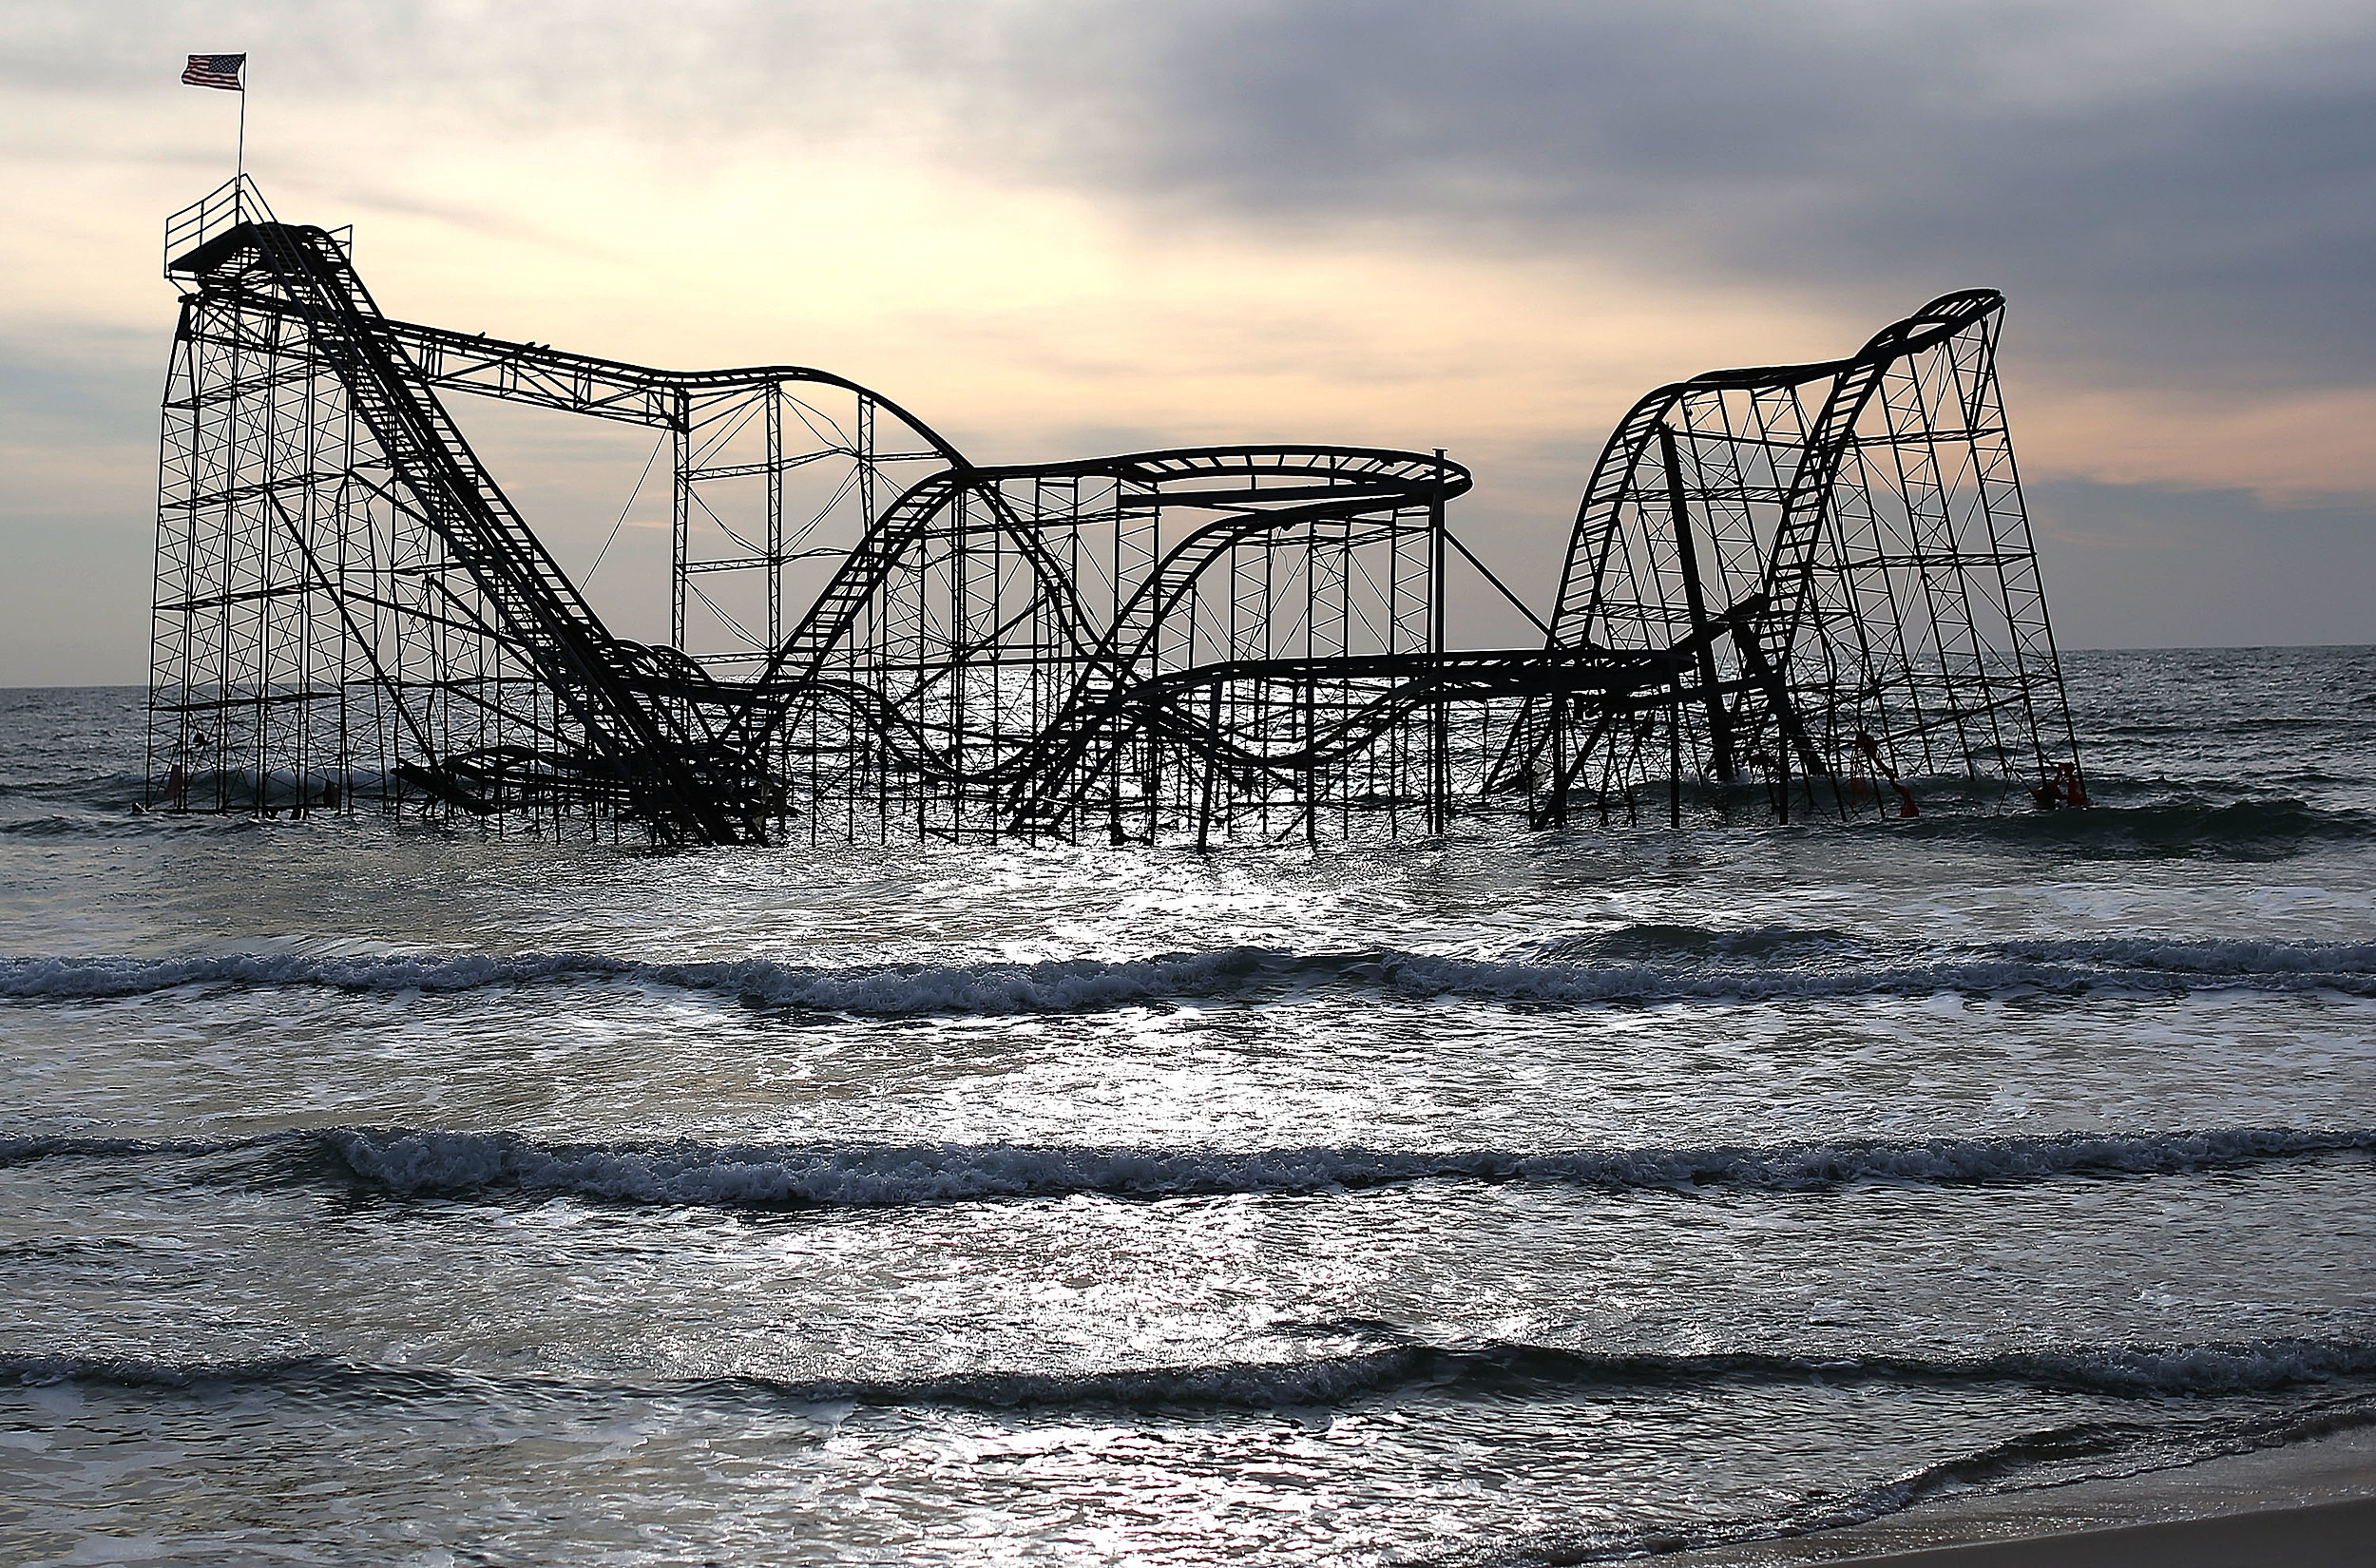 beach roller coaster - photo #31